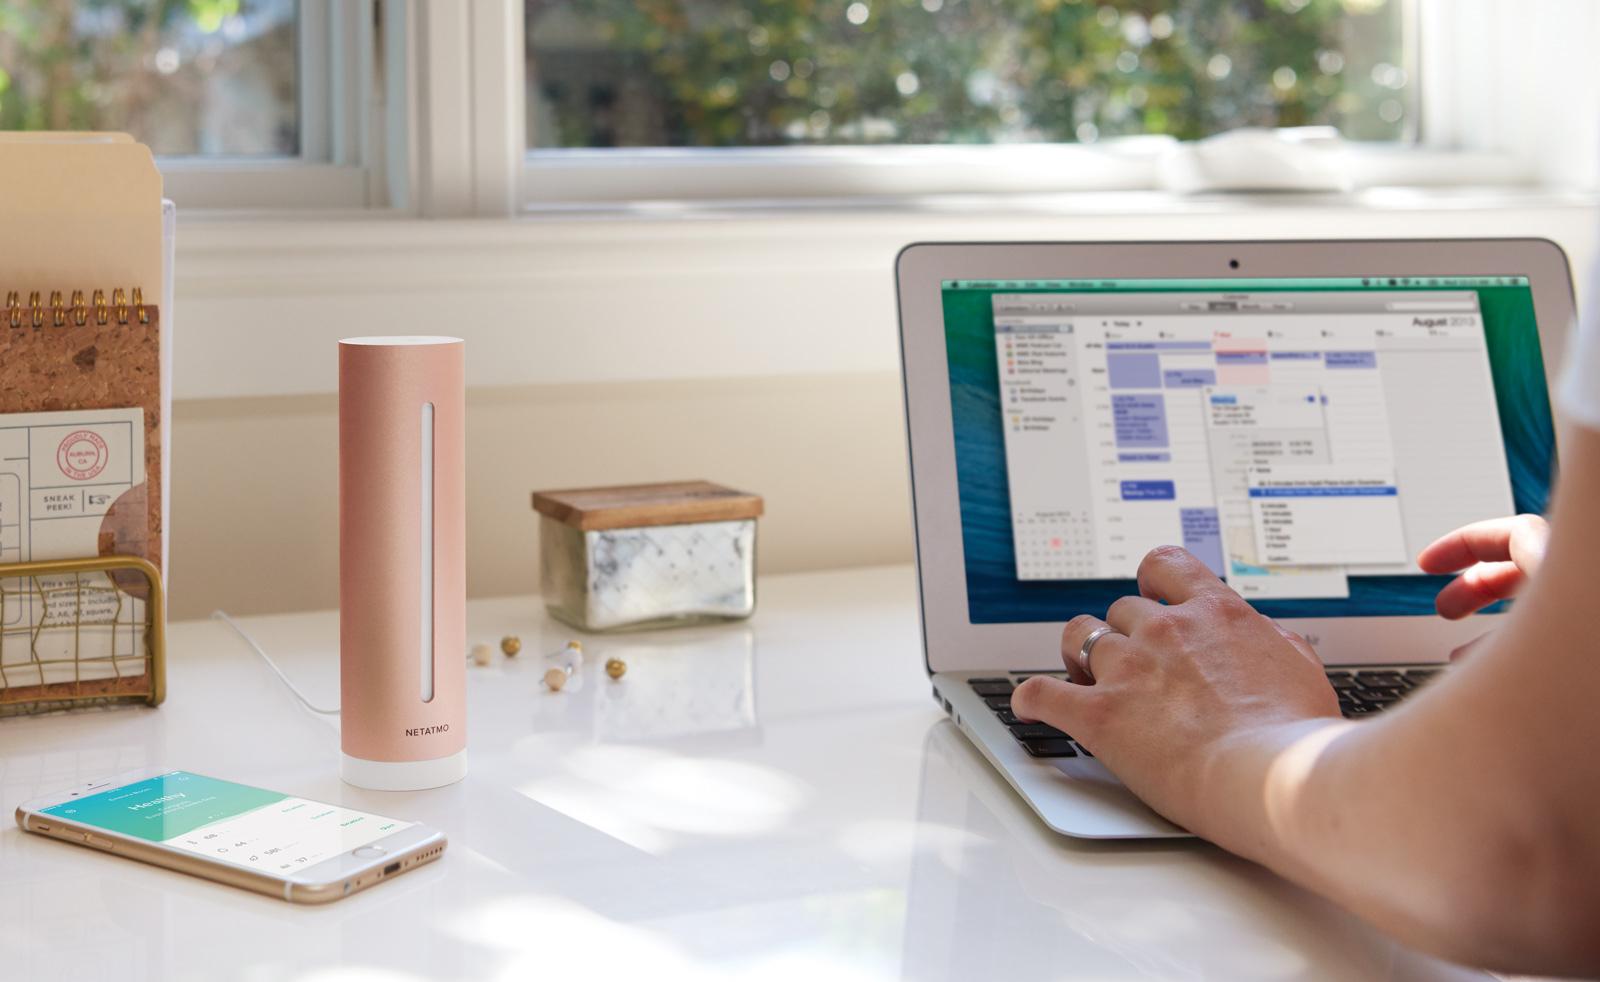 Netatmo Monitors Home Air Quality